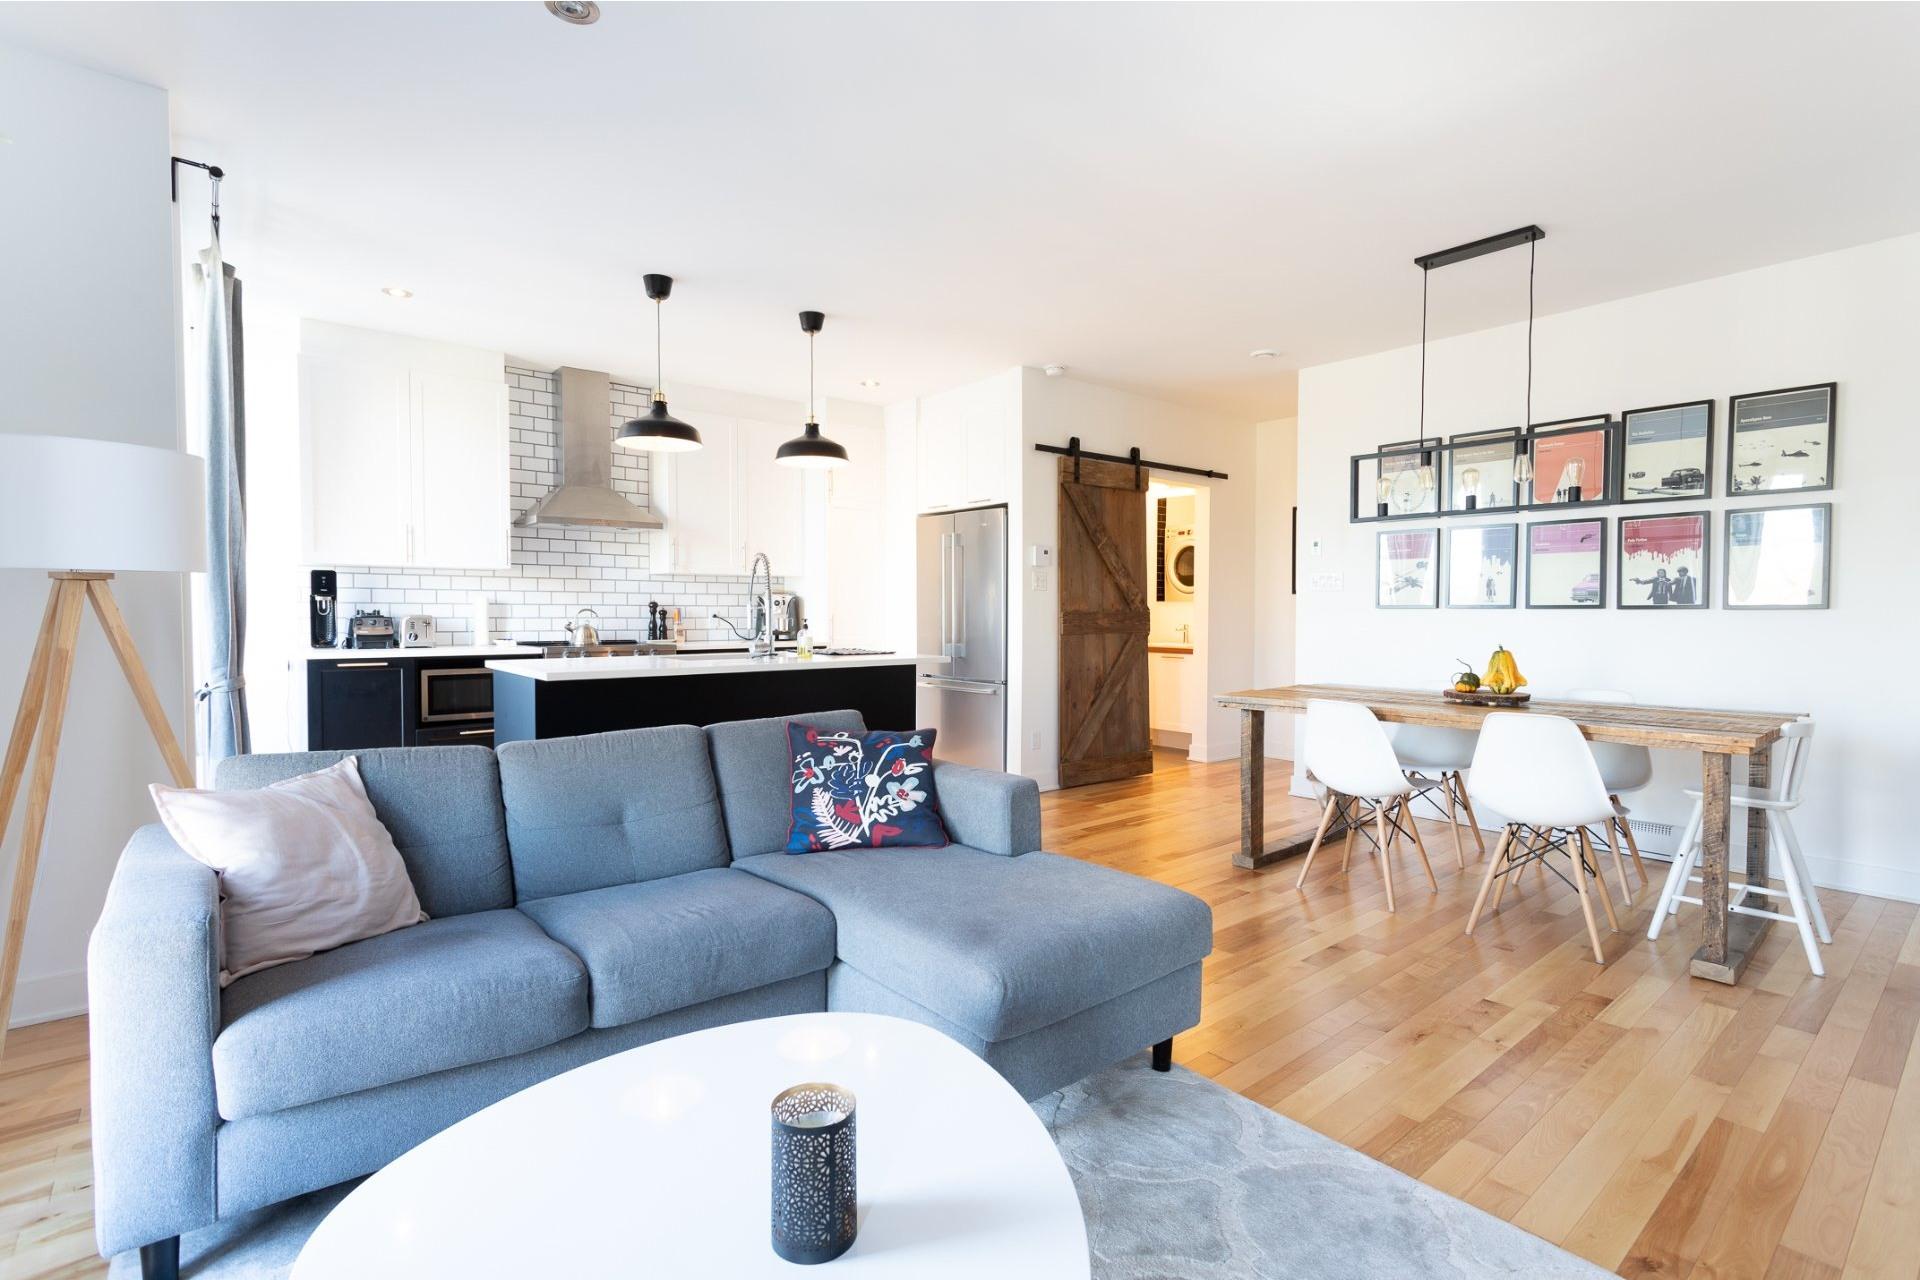 image 1 - Appartement À vendre Villeray/Saint-Michel/Parc-Extension Montréal  - 5 pièces